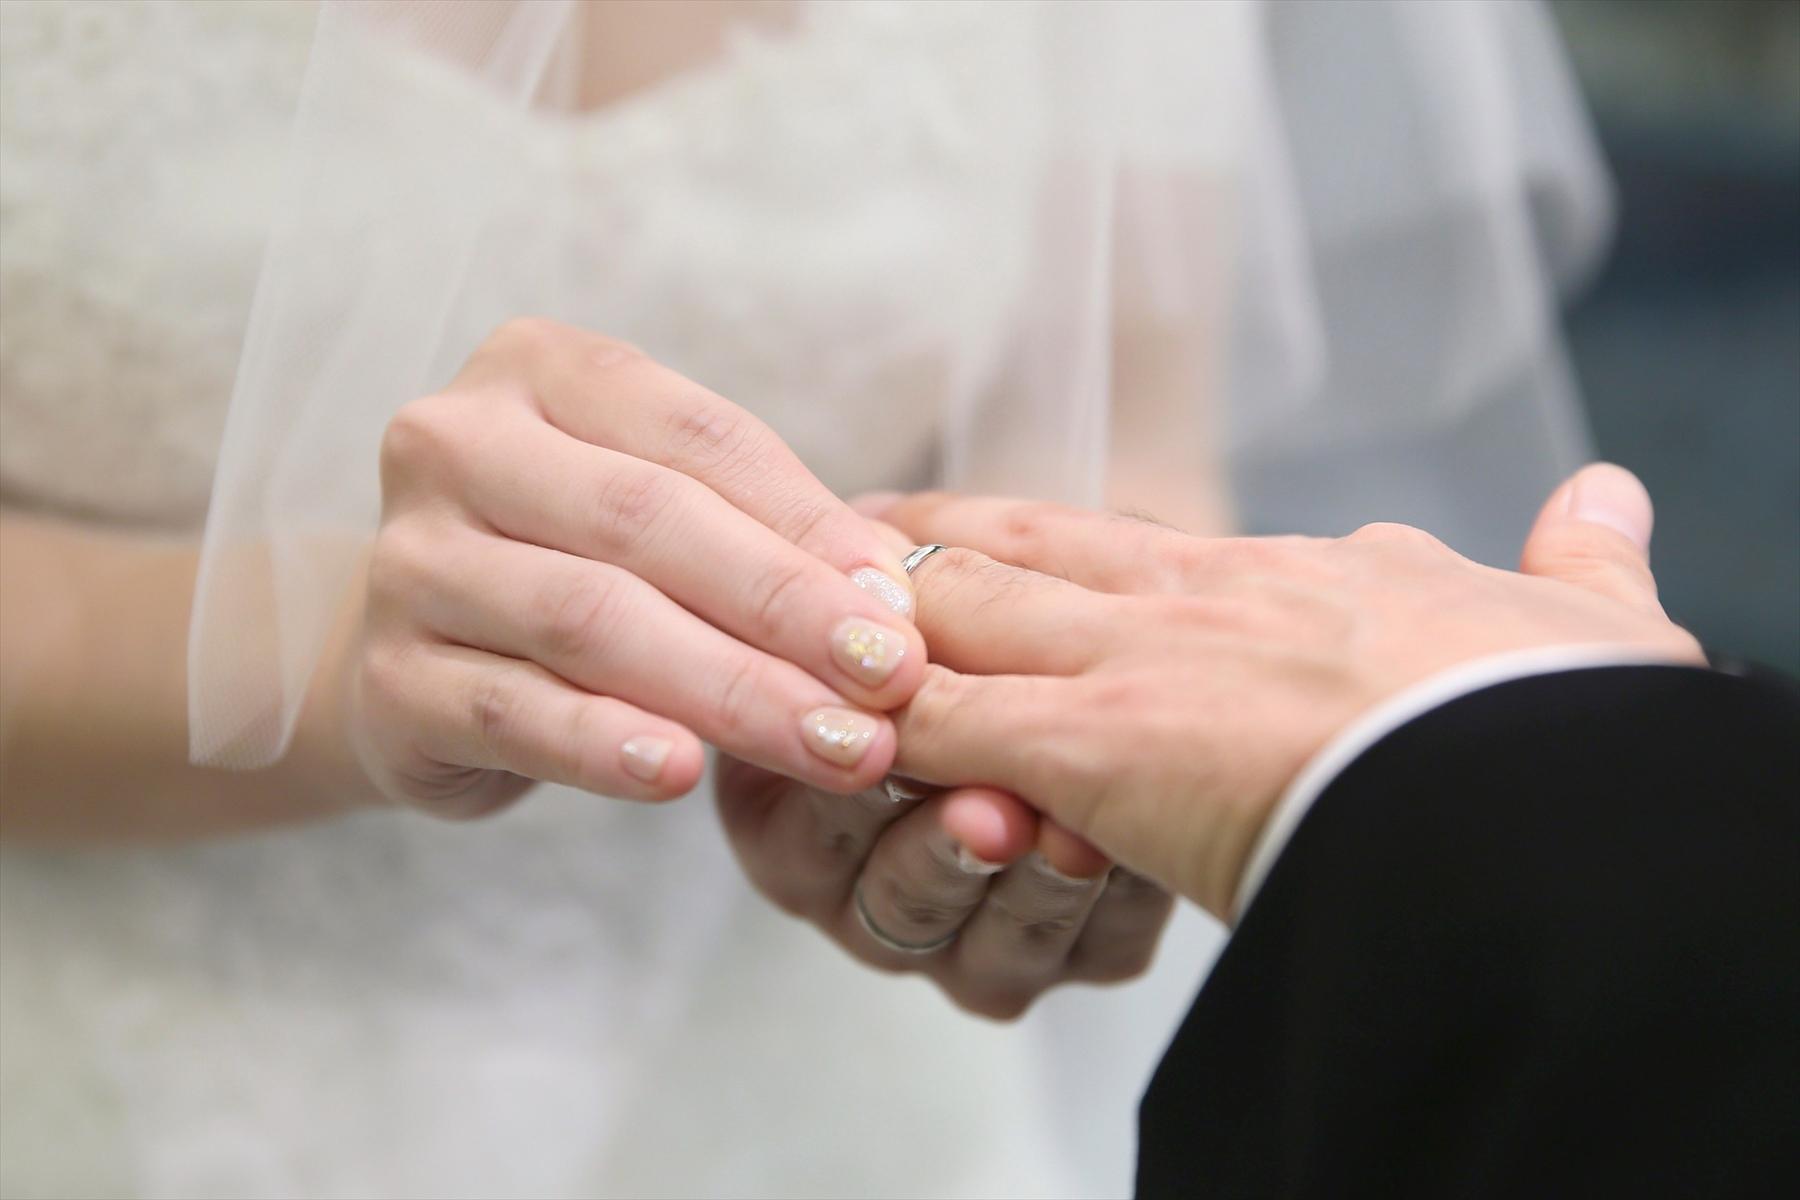 アニバーサリーアン恵比寿 カップルレポート 挙式 指輪交換